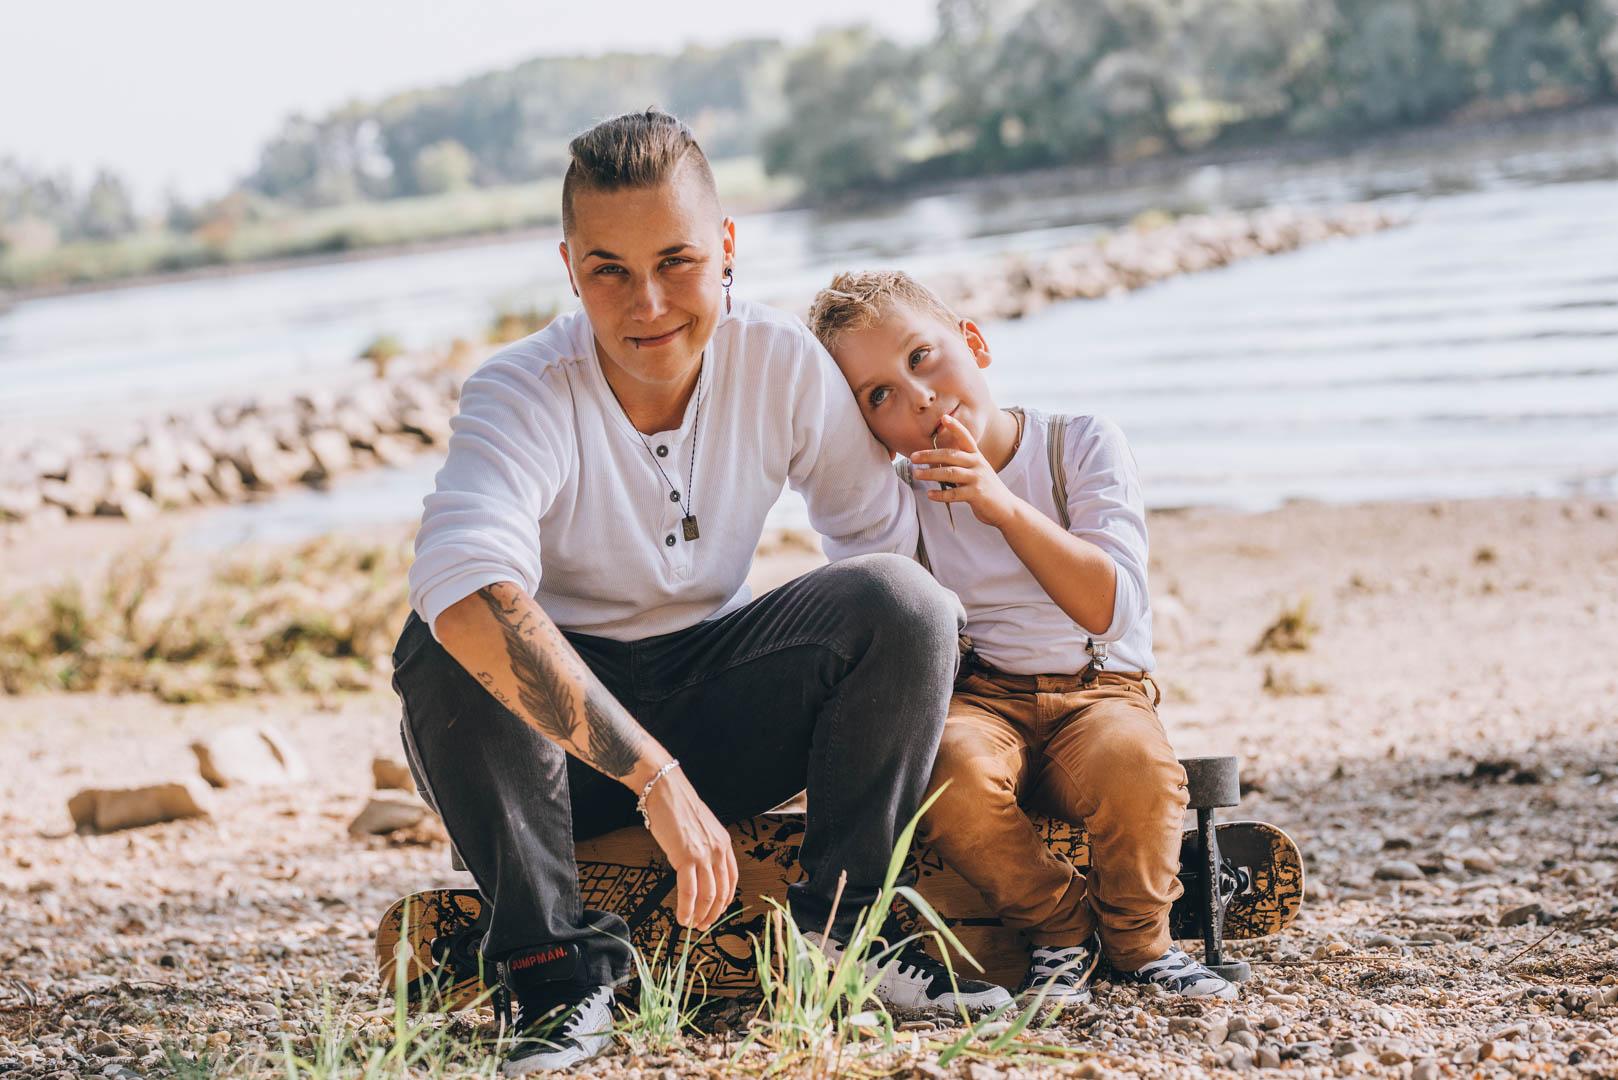 Familienfoto Mama und Sohn sitzend an der Donau an